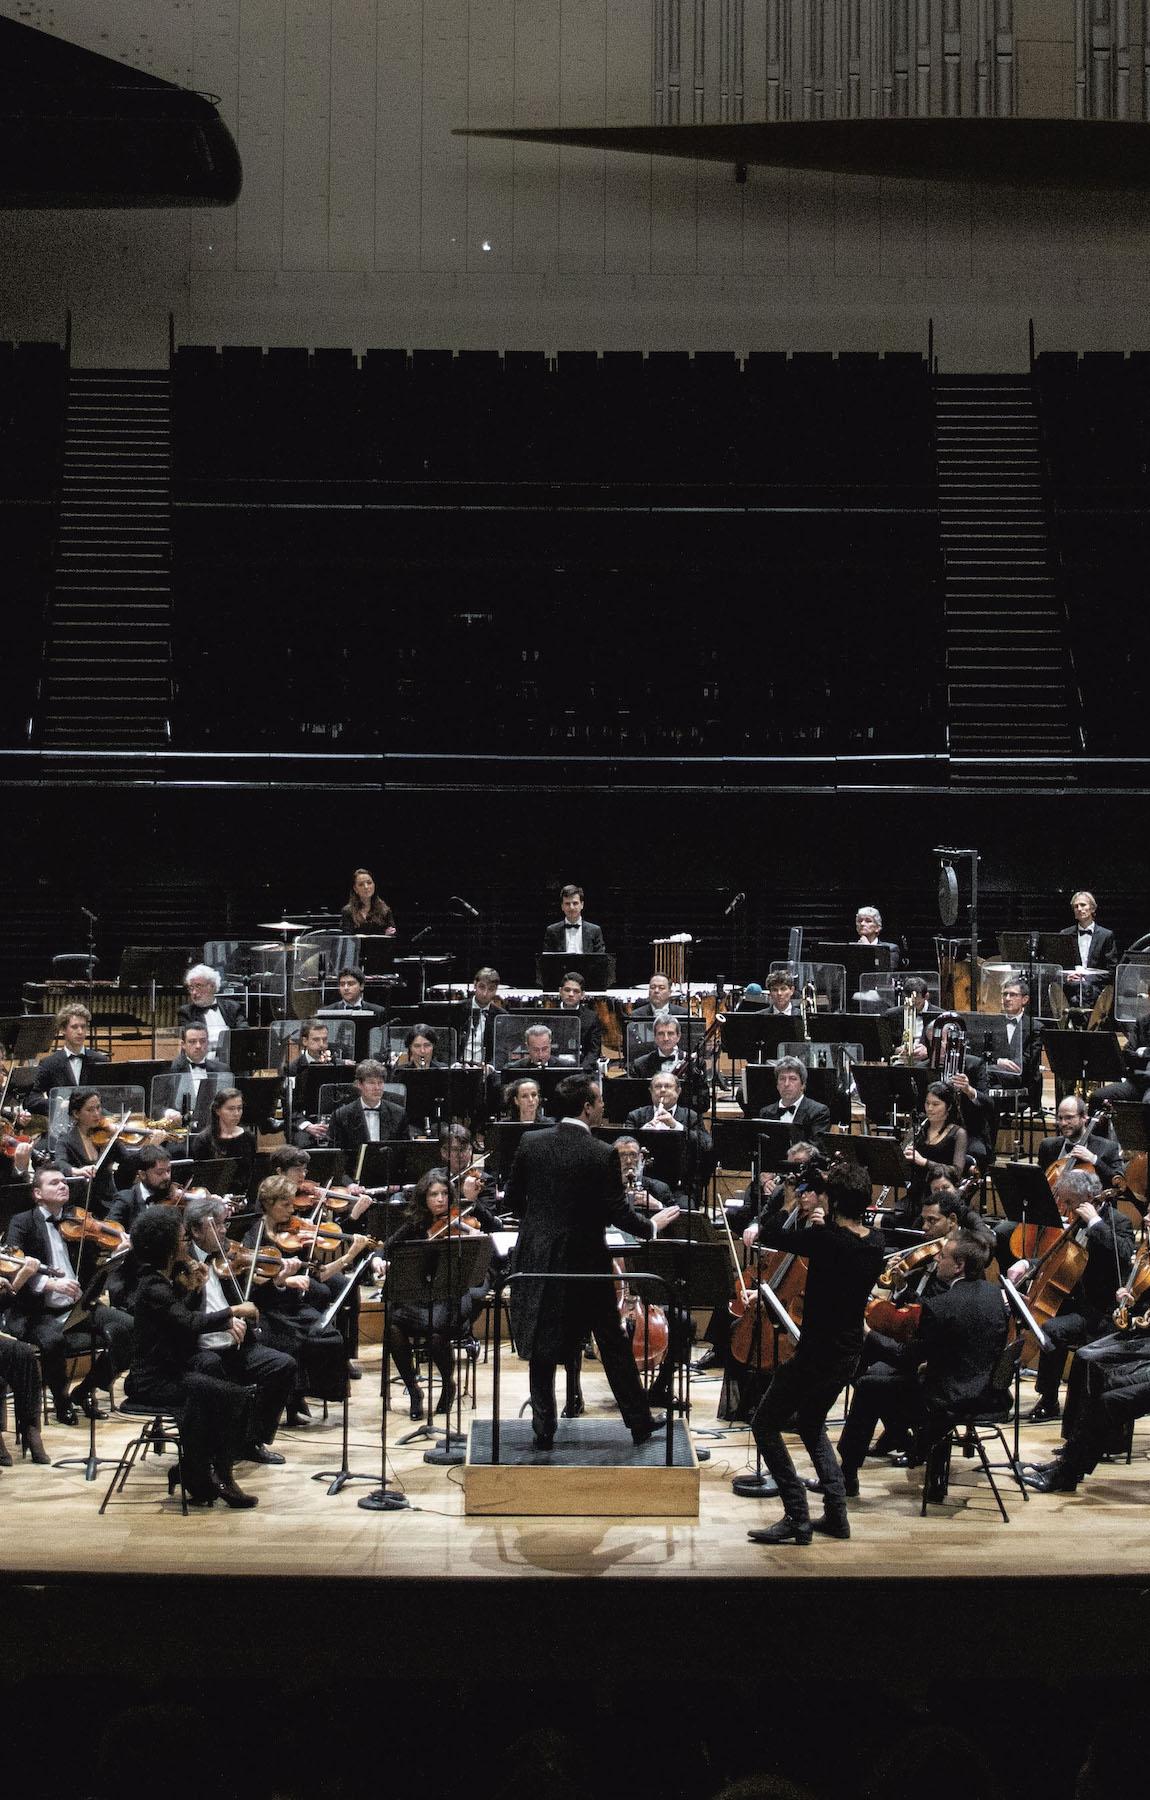 Orchestre national d'île de france - TRR Villejuif